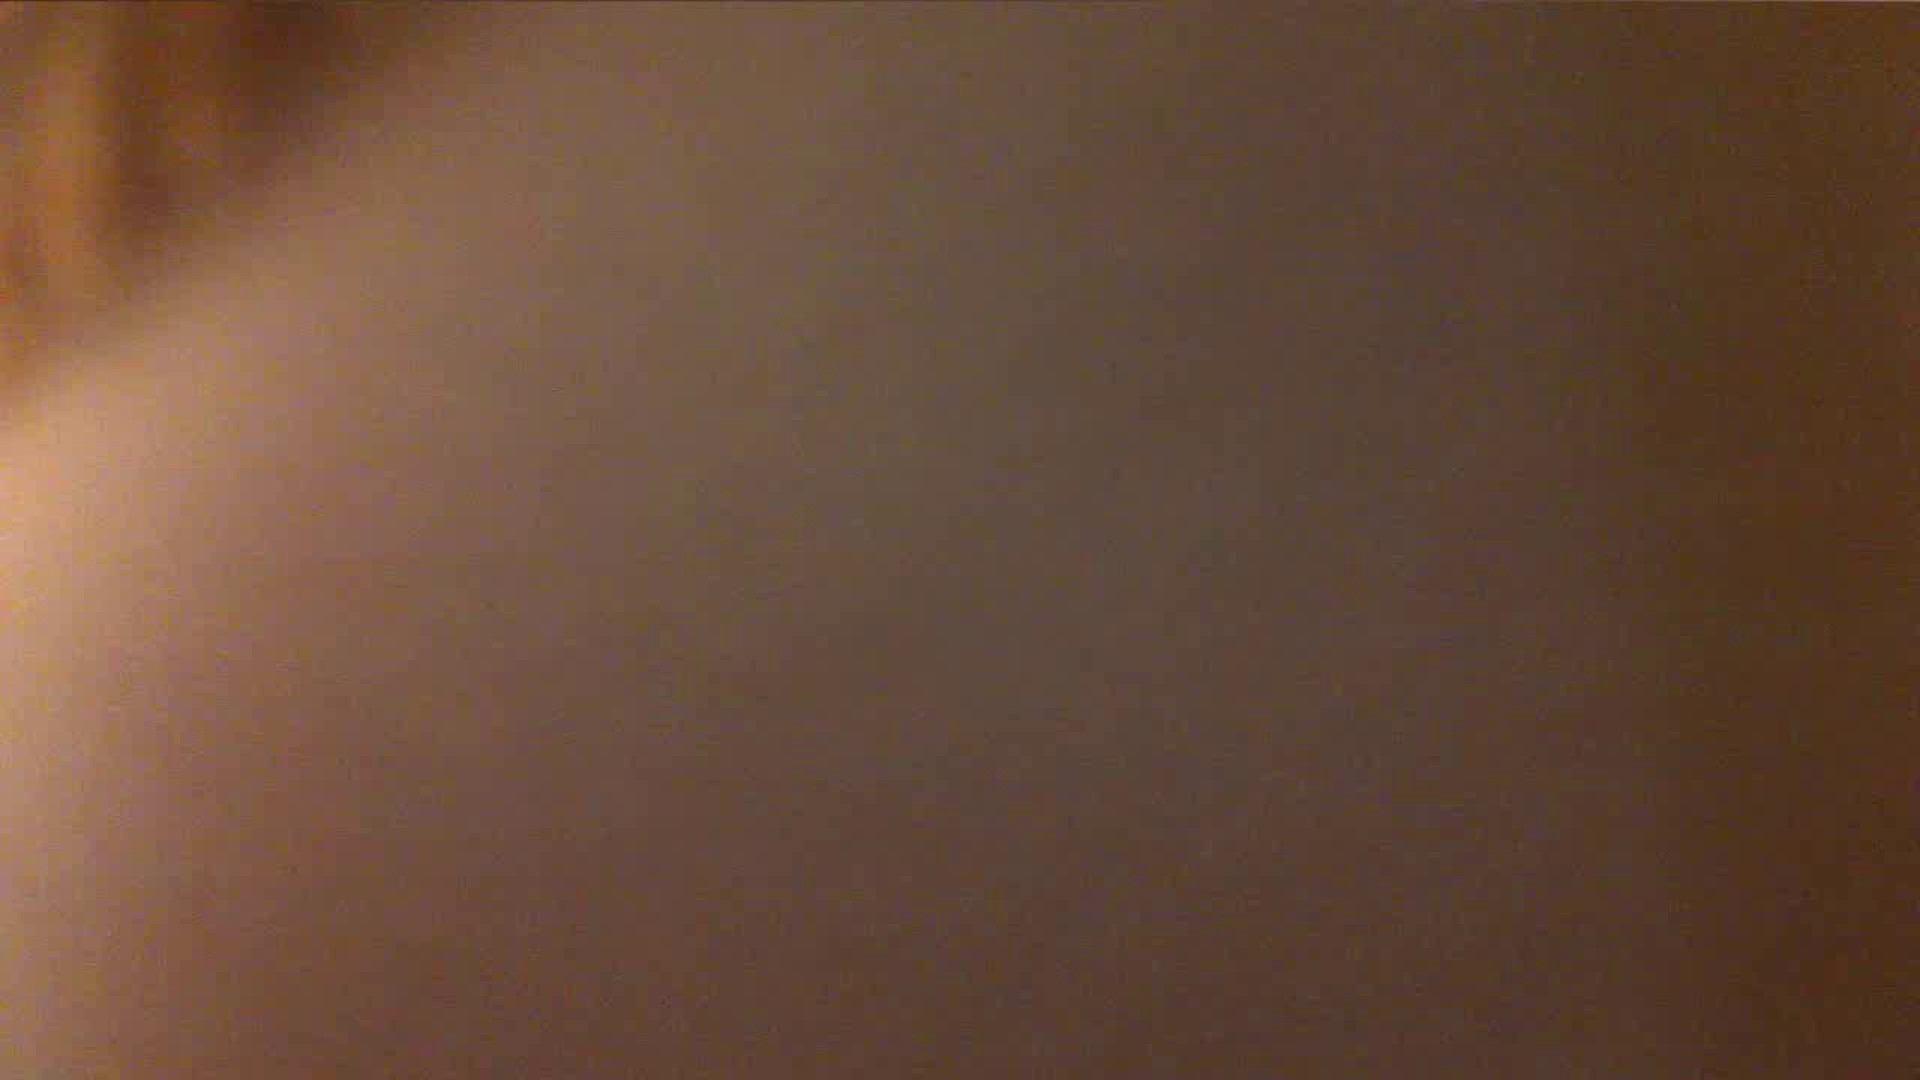 vol.40 美人アパレル胸チラ&パンチラ もっこりパンチラ! エロティックなOL 盗み撮り動画 91画像 14